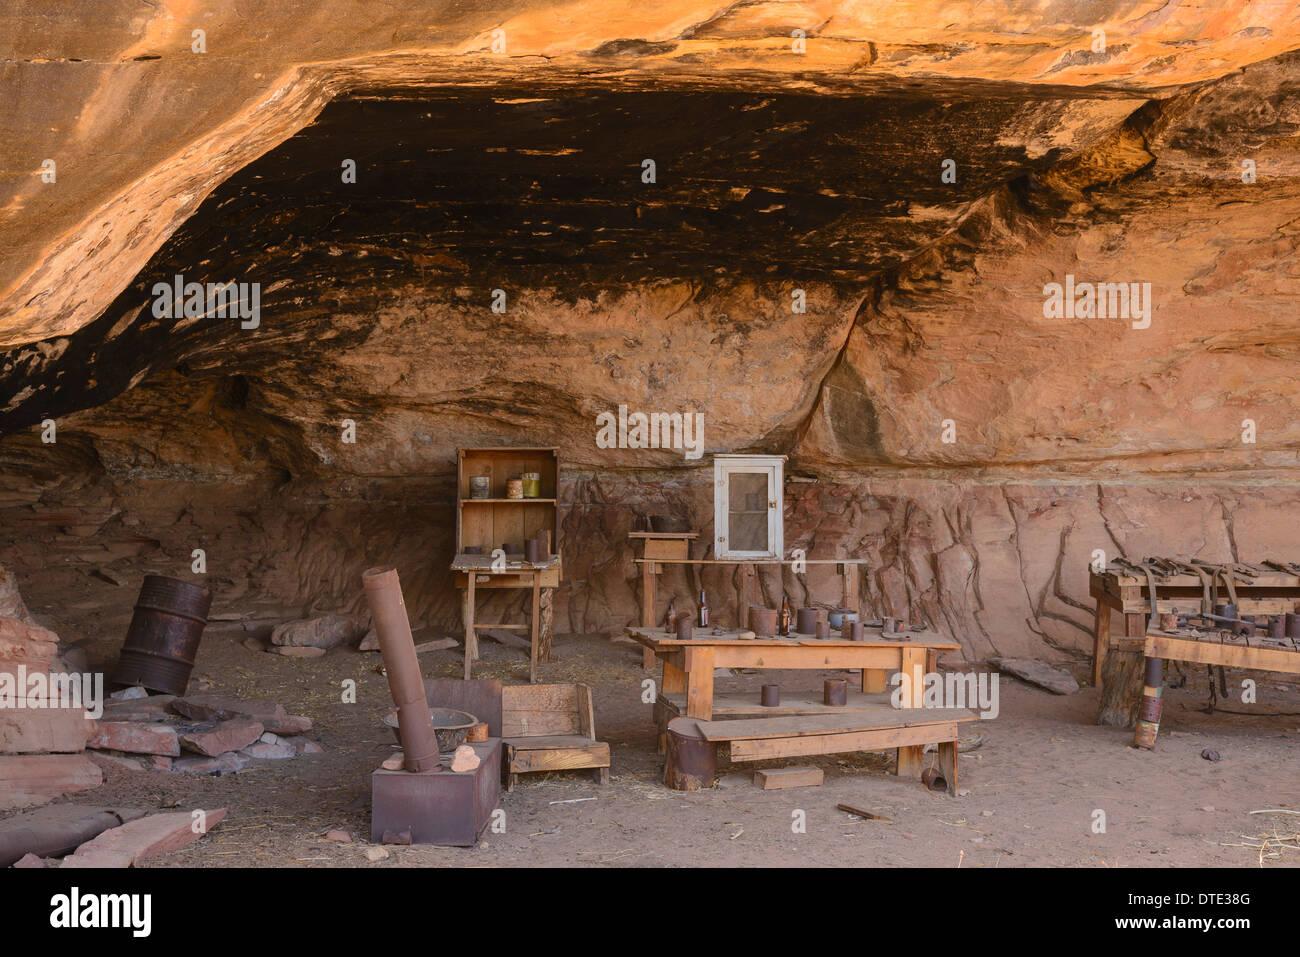 Los restos de un antiguo campamento de vaqueros, cerca de Cave Springs, Las Agujas sección del Parque Nacional Canyonlands, en Utah, EE.UU. Imagen De Stock